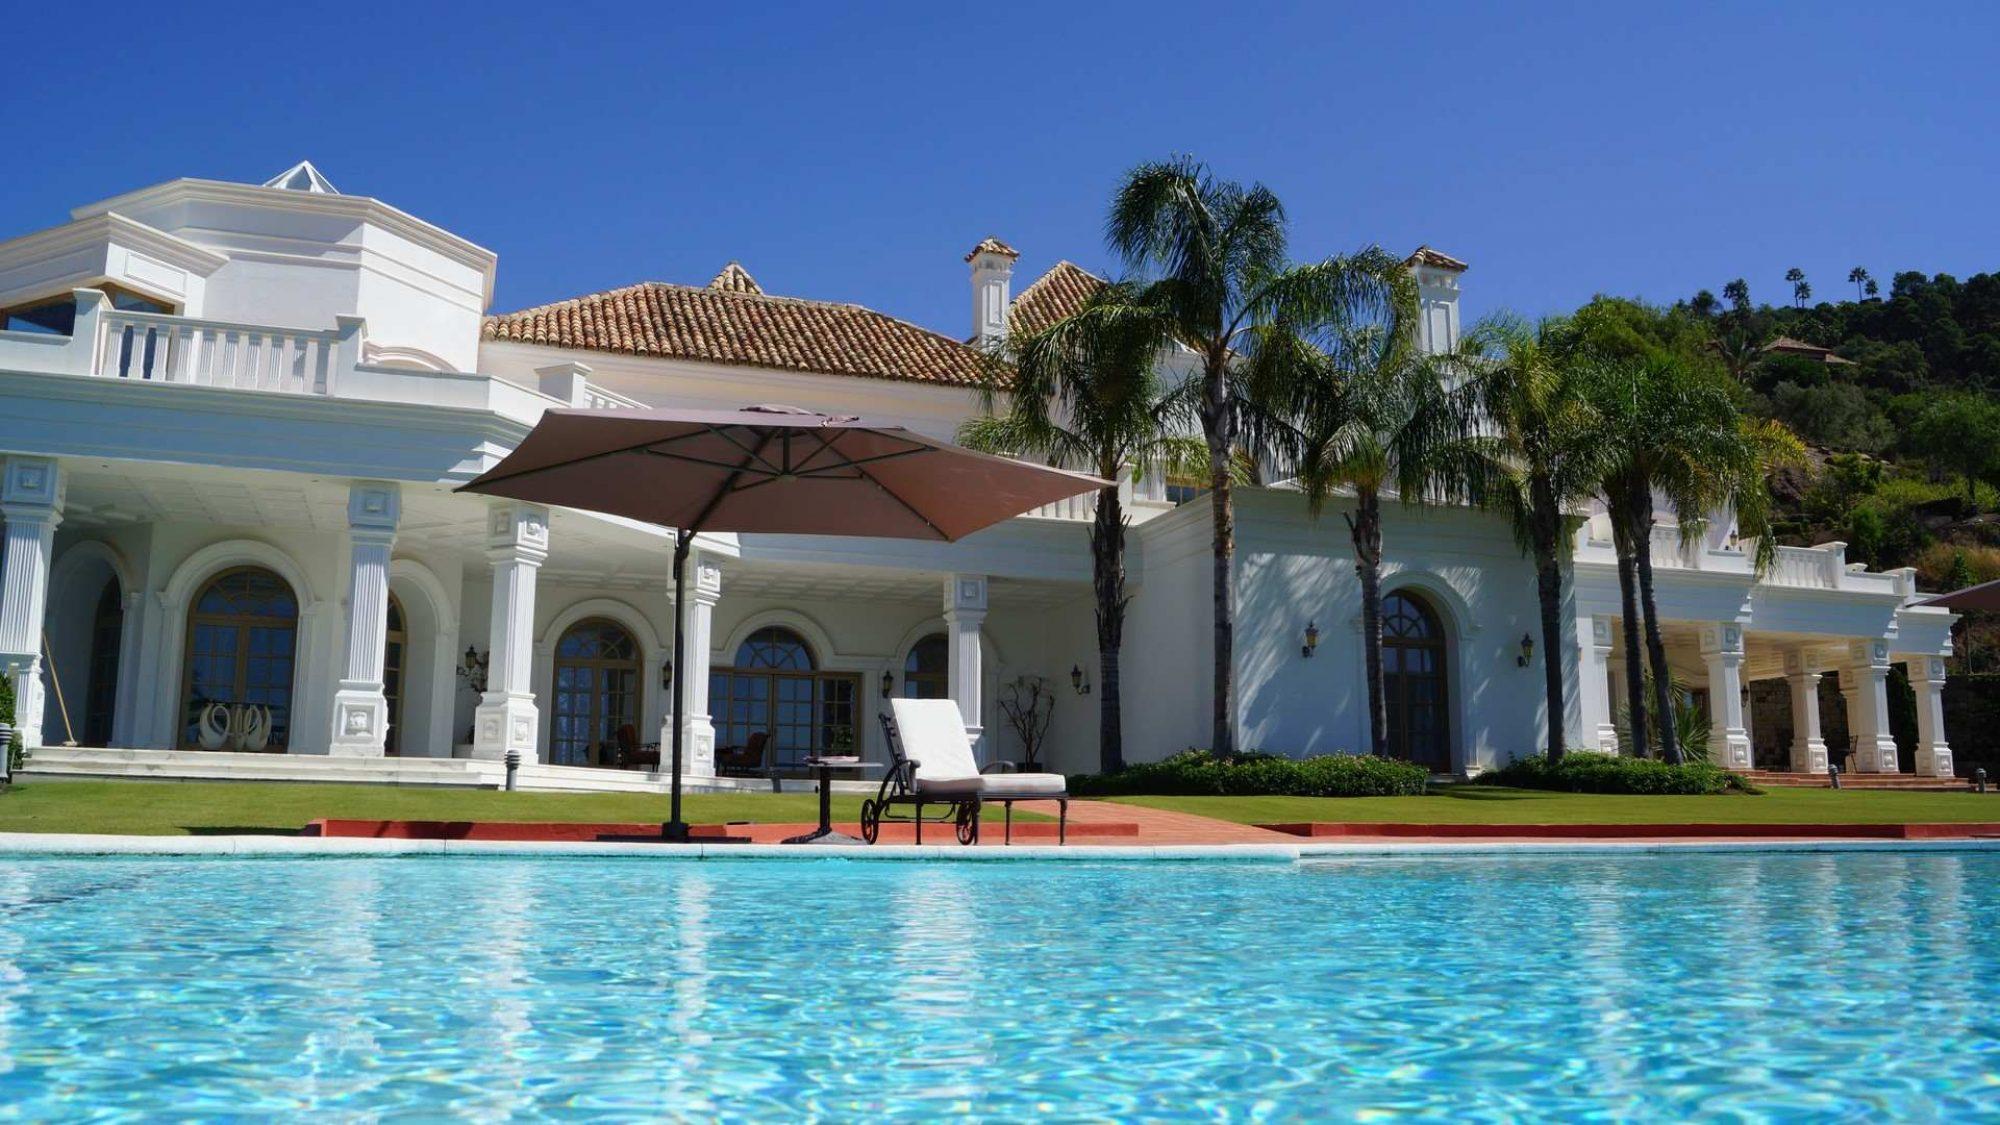 la zagaleta villa on large plot